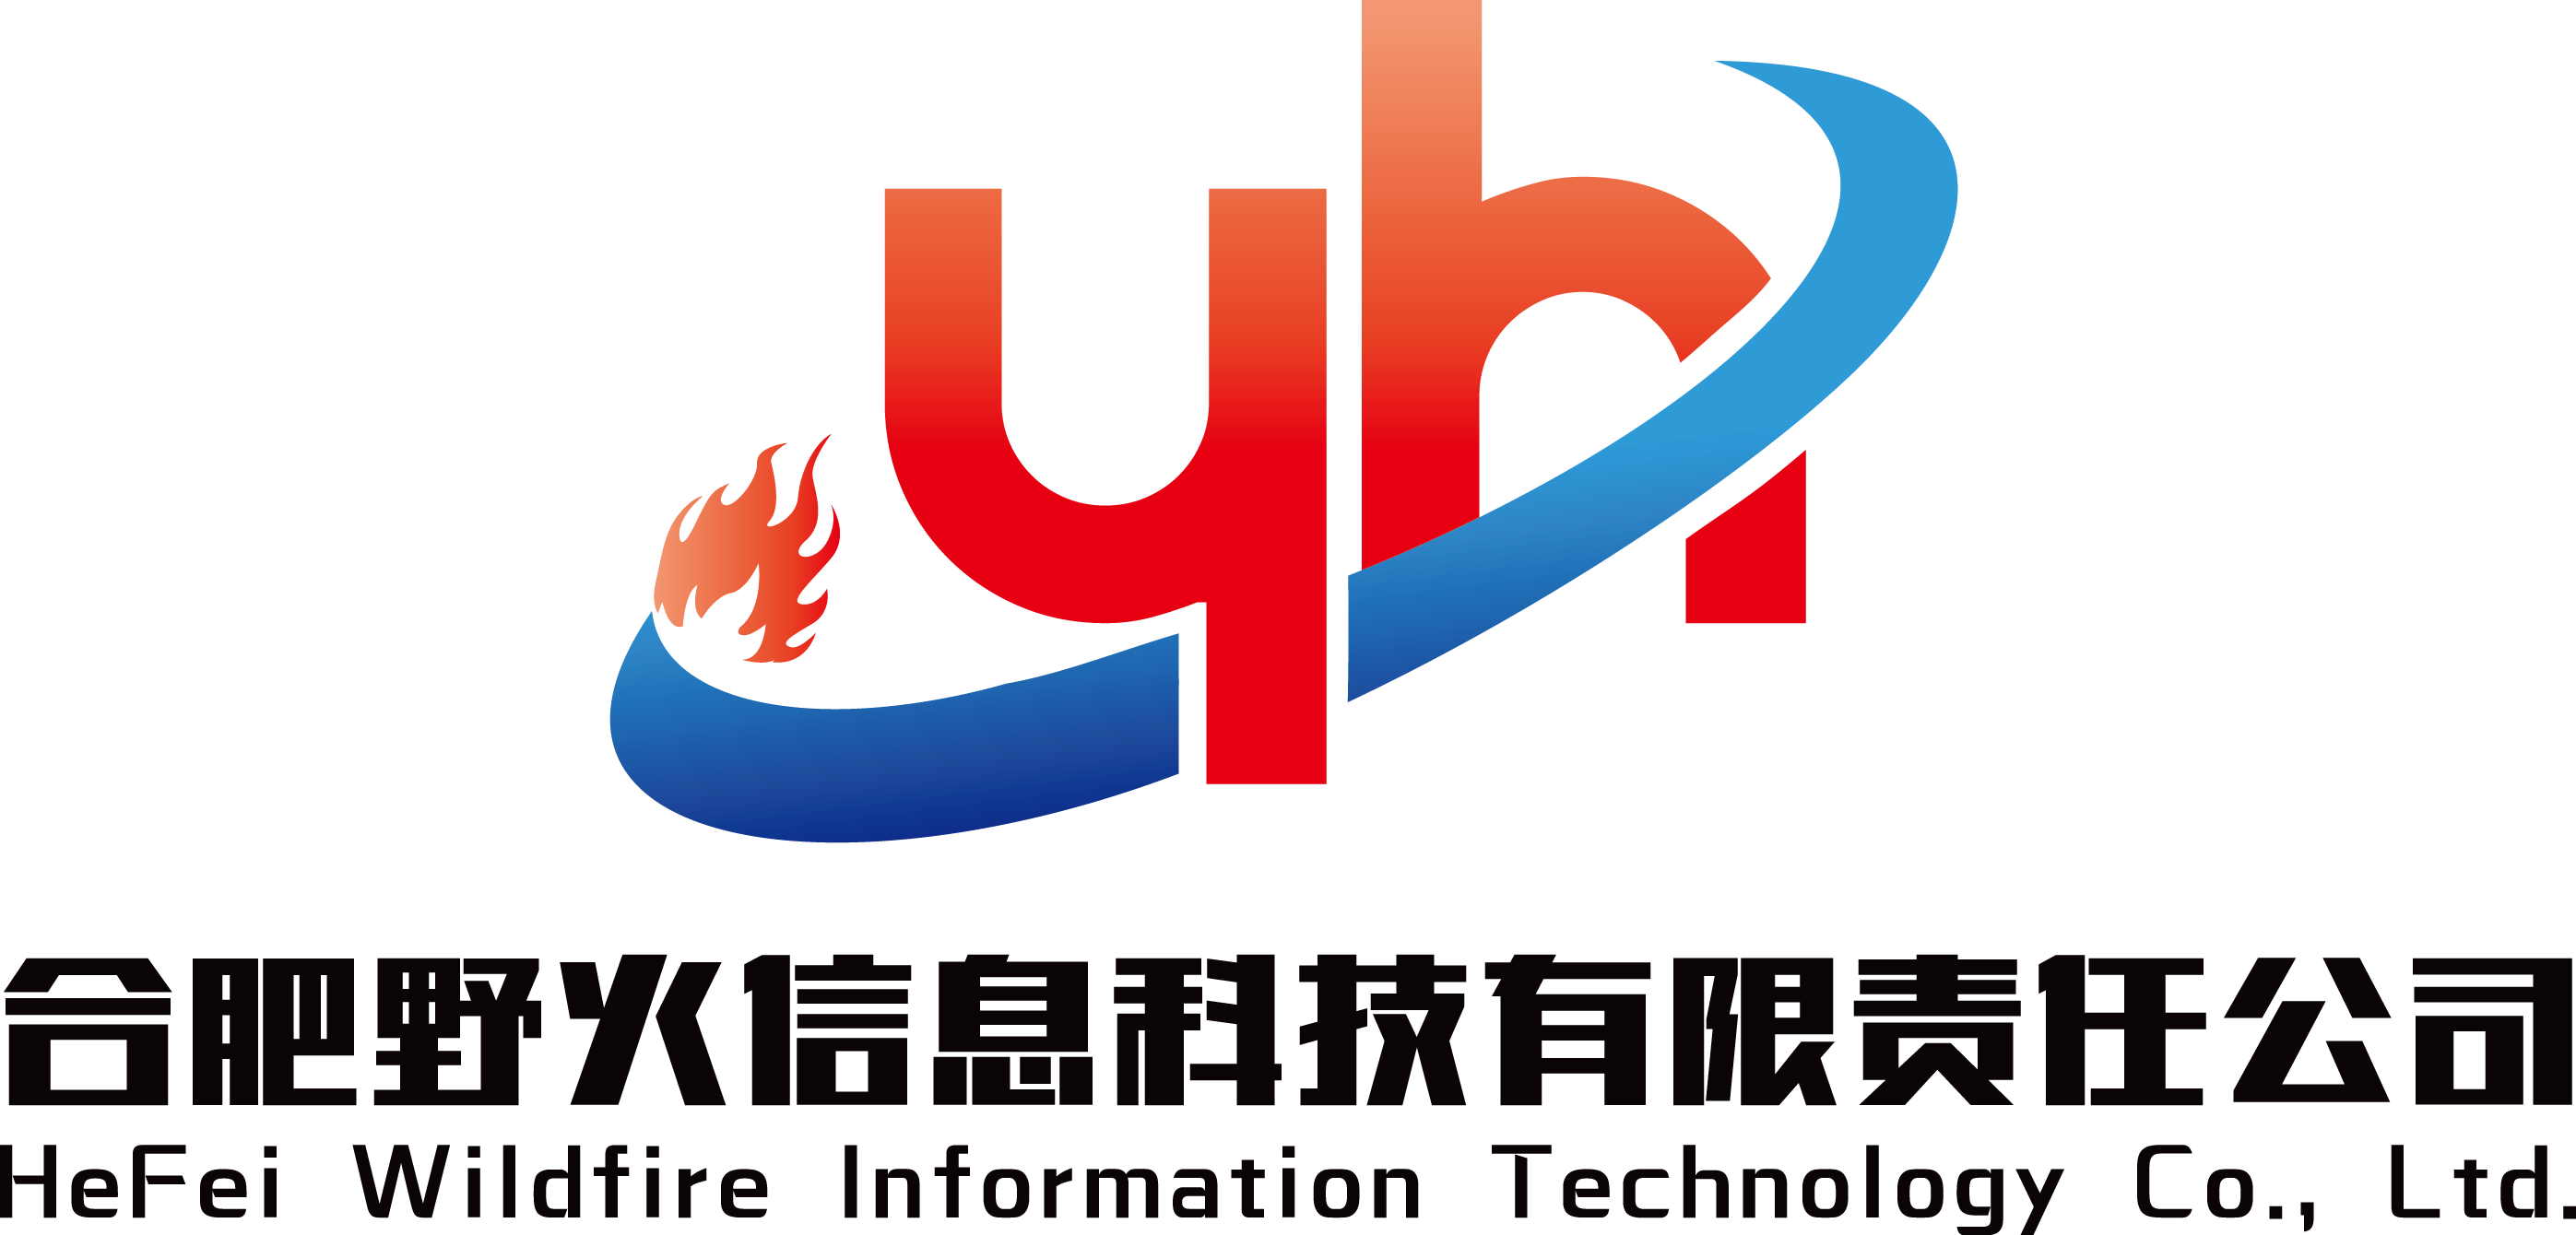 合肥野火信息科技有限责任公司;